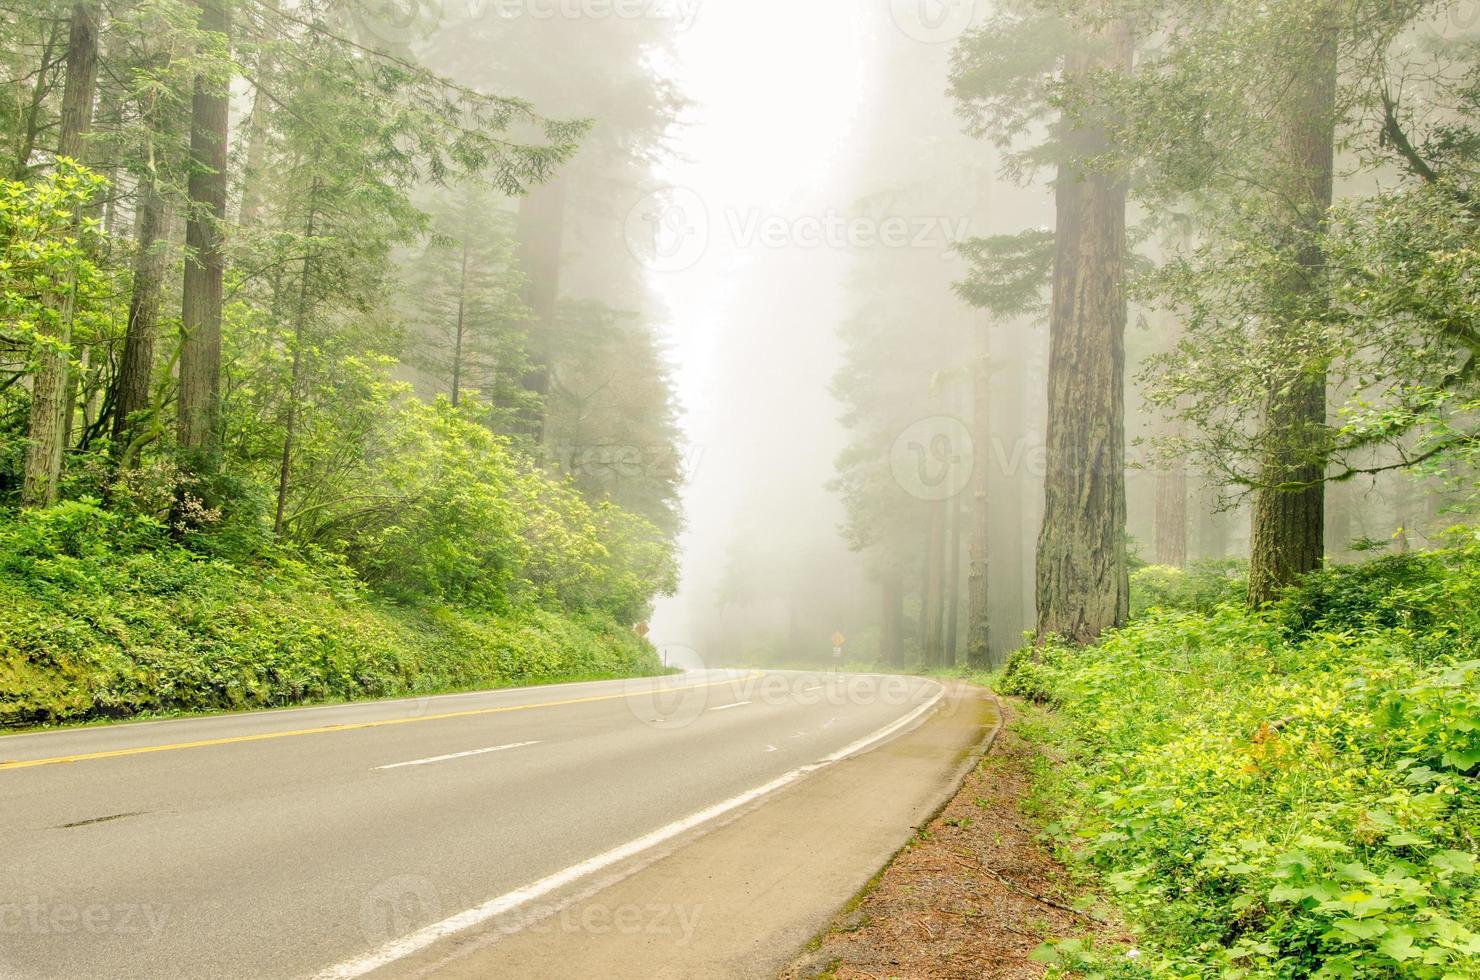 estrada através de uma floresta enevoada foto